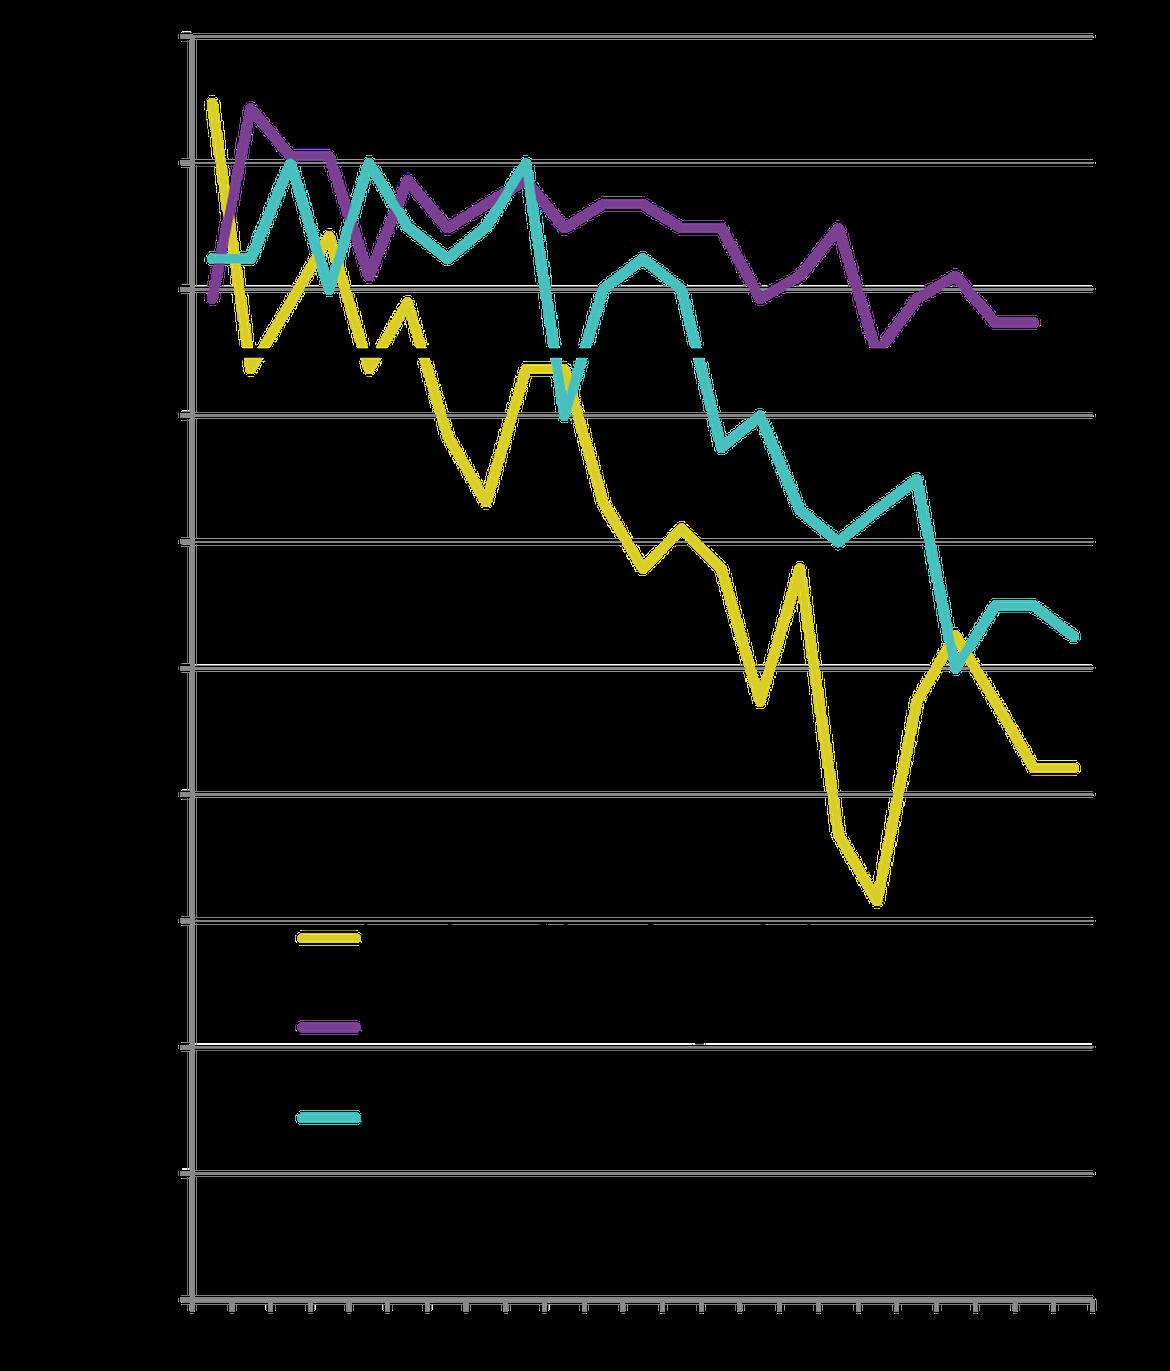 Figure 2: Modification de la proportion annuelle des espèces dépassant les valeurs d'évaluation pour l'abondance relative des oiseaux de mer non reproducteurs dans la partie norvégienne des eaux Arctiques (19 espèces) et dans les mers Celtiques (41 espèces) au cours de la période de 1993 à 2015, et dans la région de la mer du Nord au sens large (53 espèces) au cours de la période de 1992 à 2014